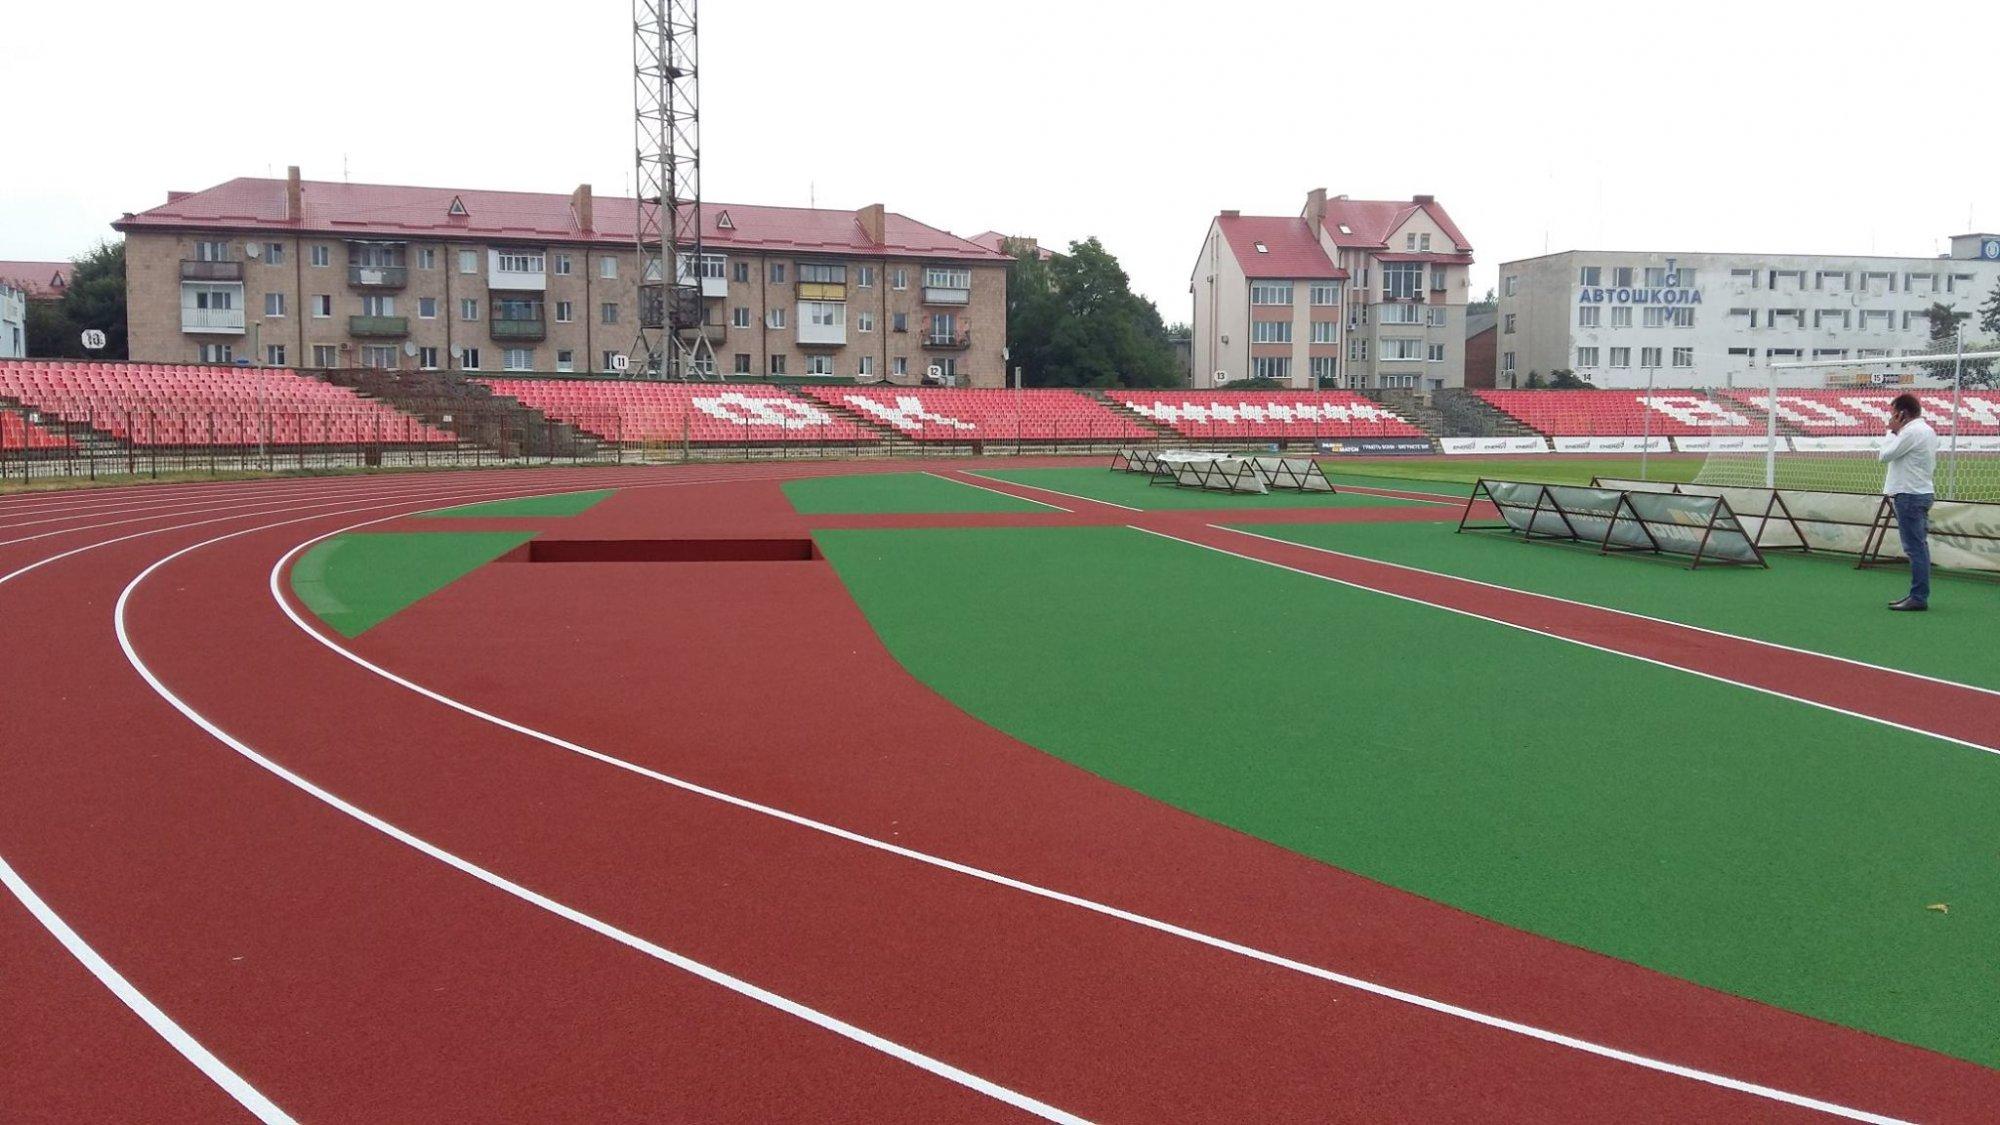 Луцк примет крупный международный турнир в 2018 году